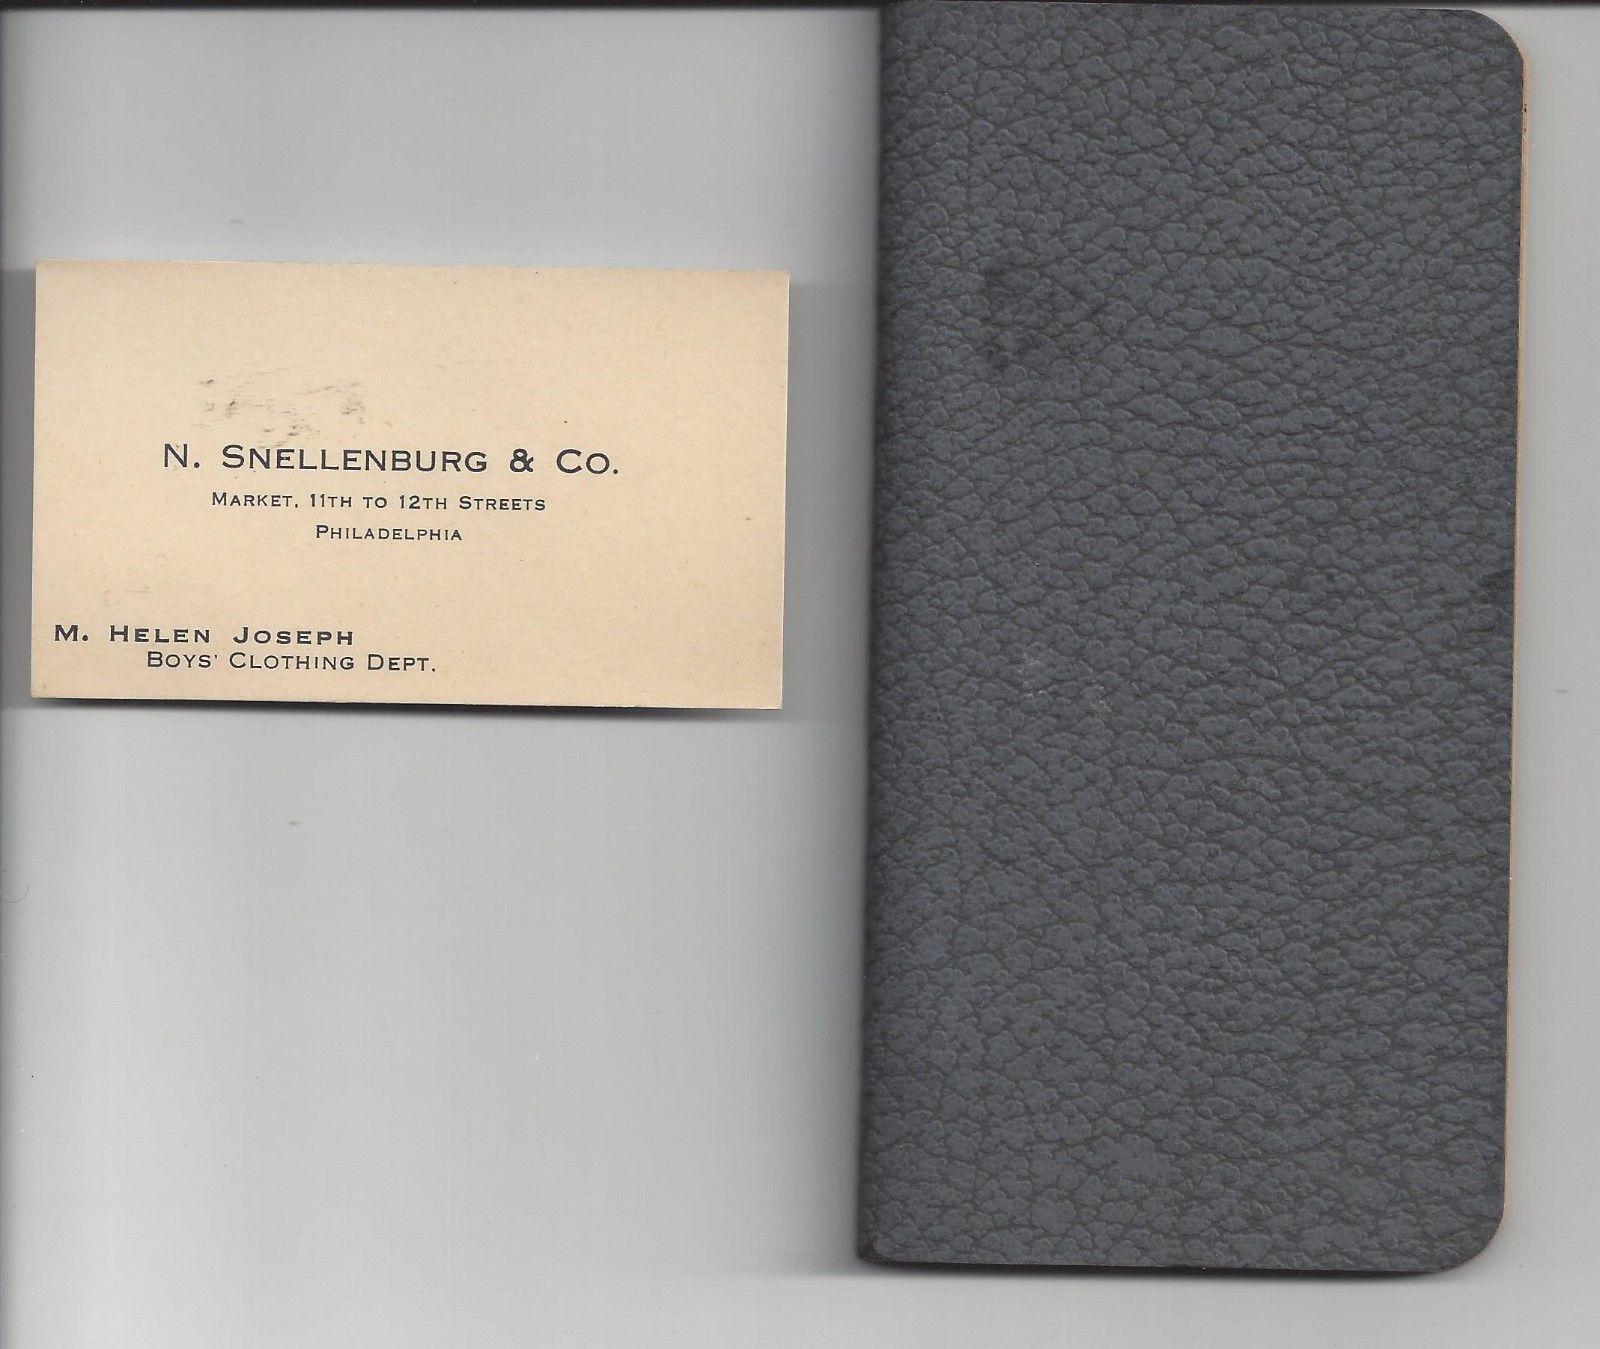 Old notebook business card n snellenburg co mens clothing old notebook business card n snellenburg co mens clothing store philadelphia ebay magicingreecefo Images